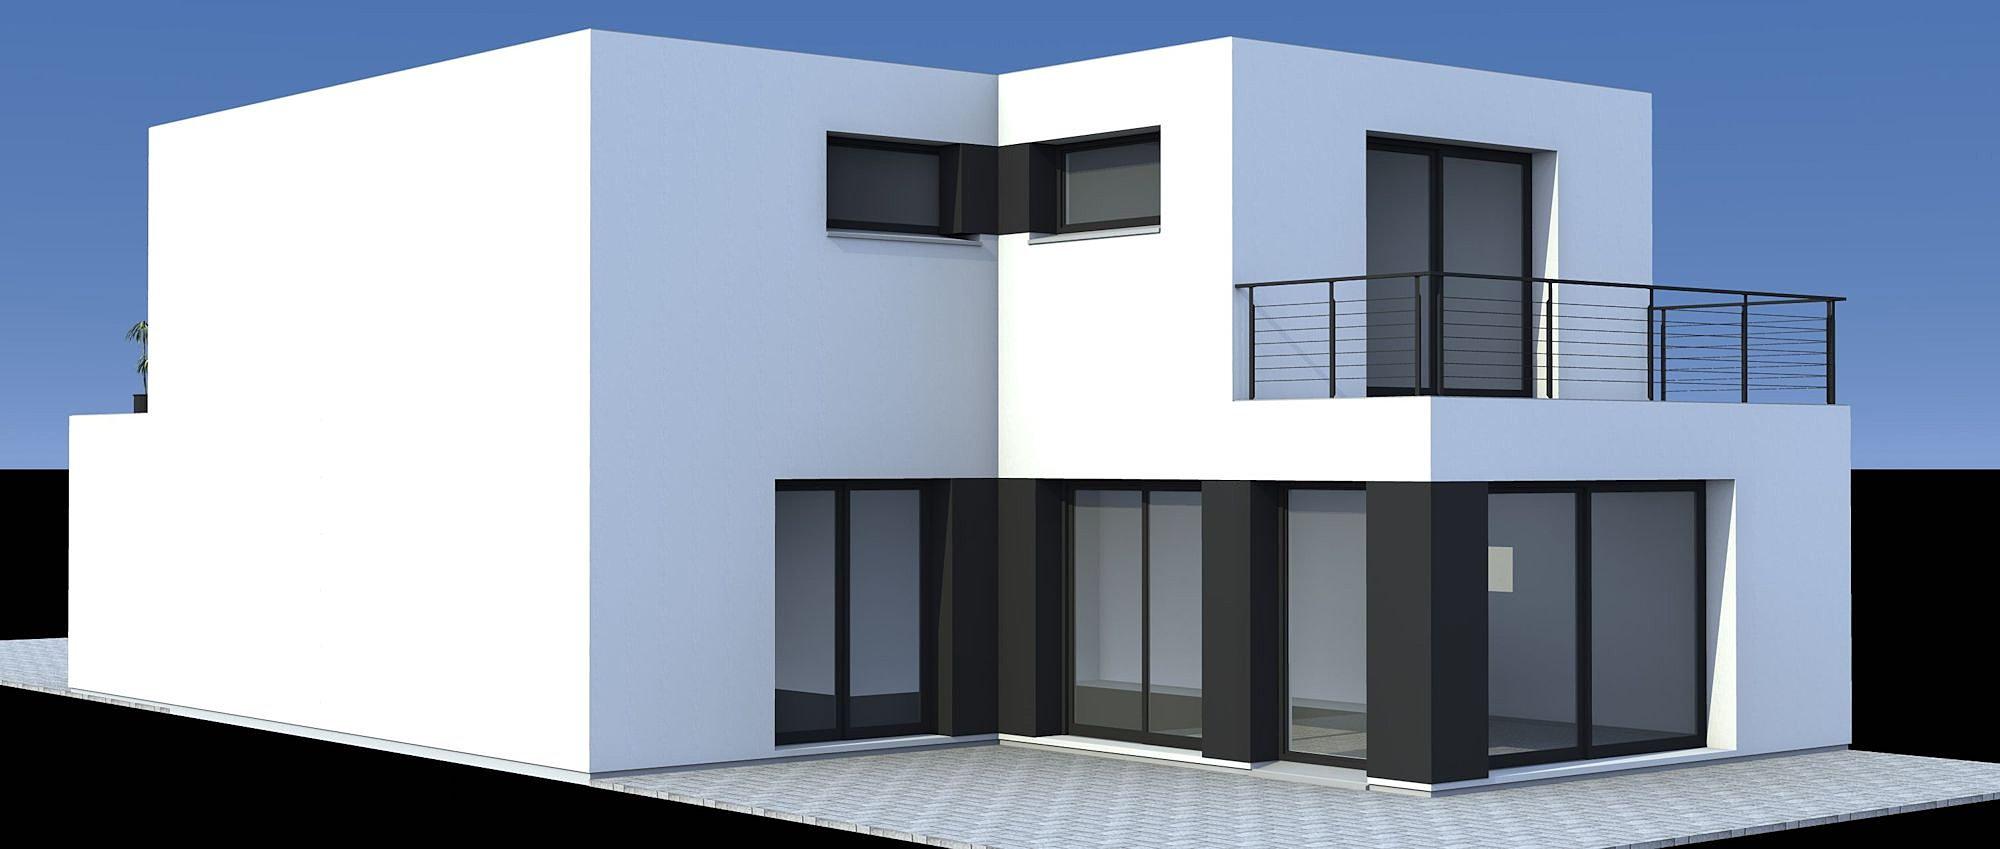 construire sa maison pas cher construire une maison. Black Bedroom Furniture Sets. Home Design Ideas